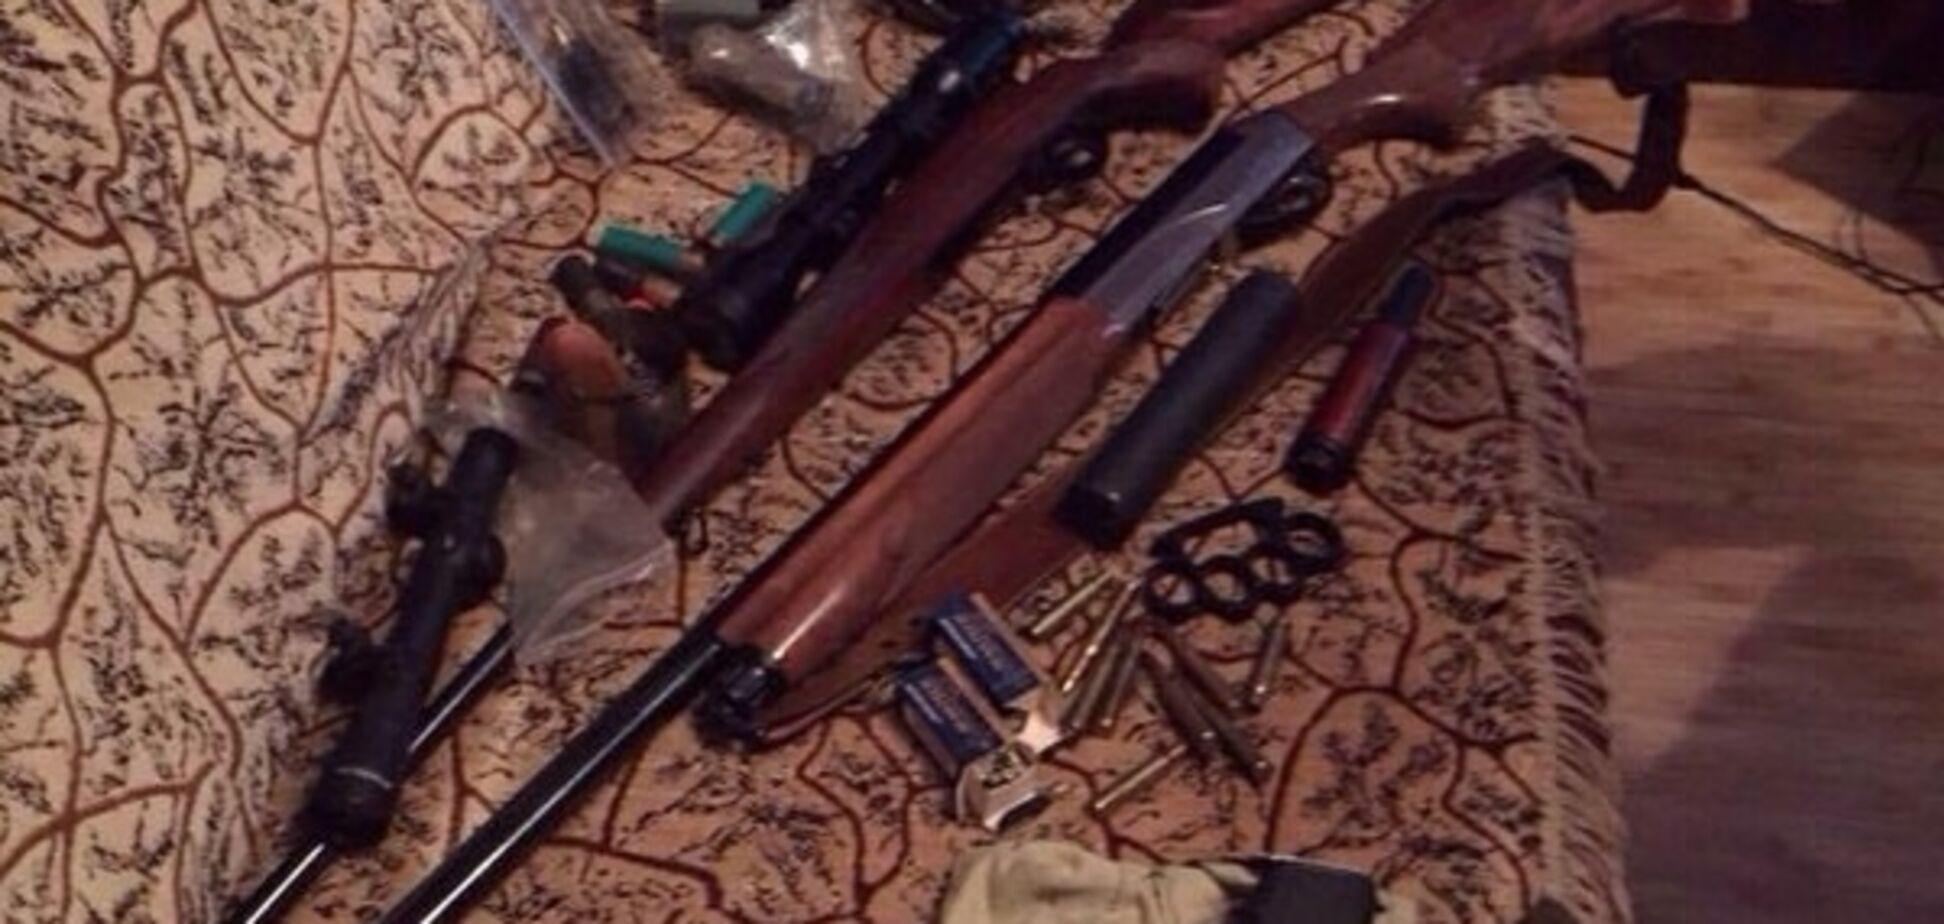 Під Києвом вилучили арсенал з десятками 'стволів' і гранатами: опубліковані фото